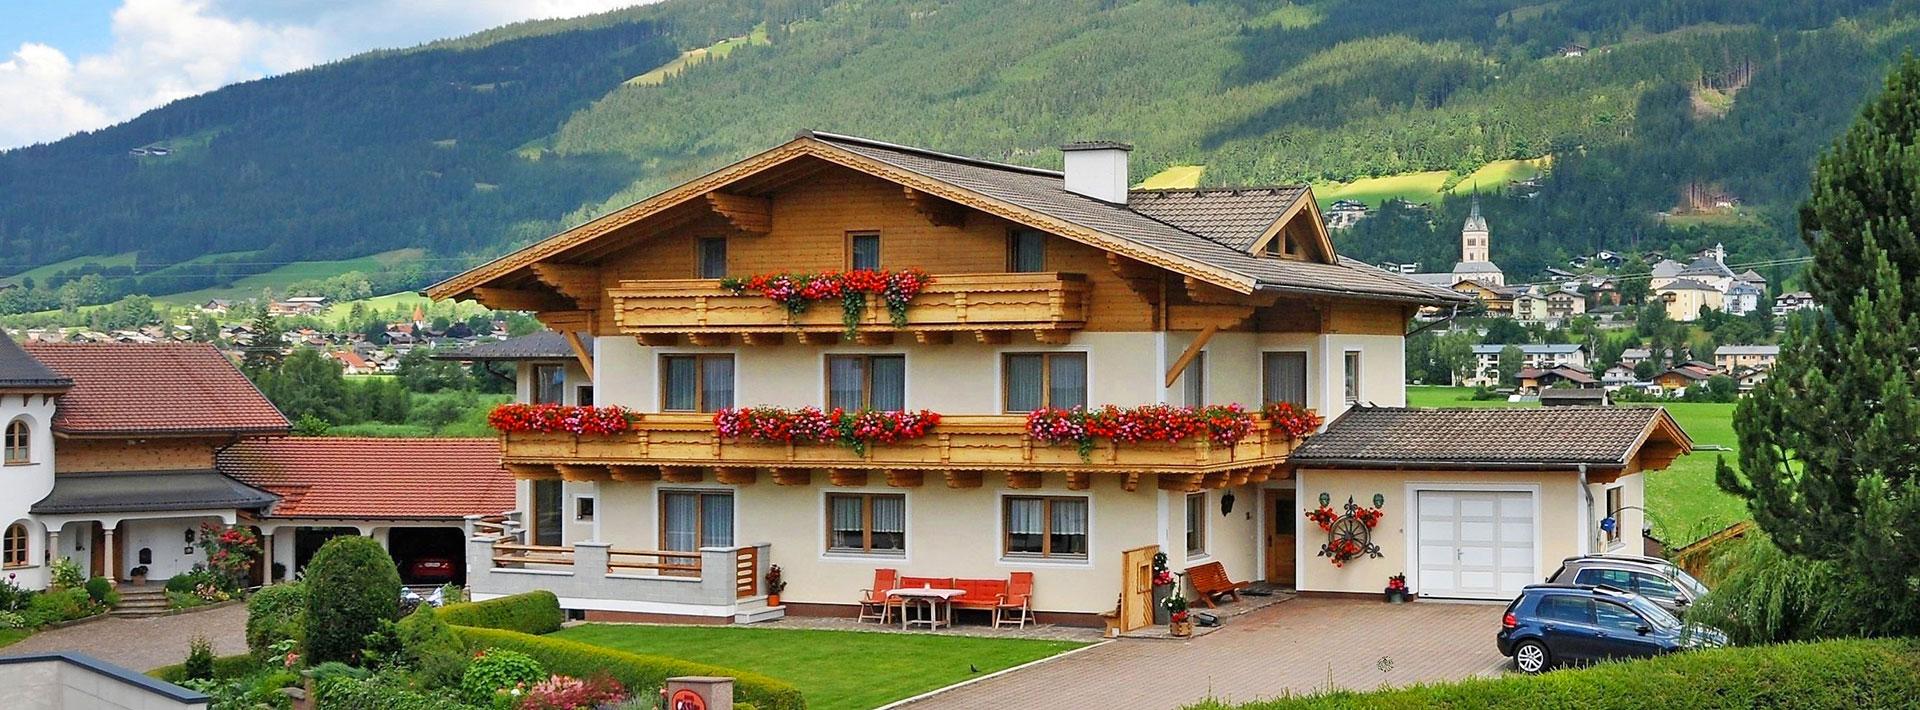 Ferienhaus Kössler, Radstadt, Salzburger Land